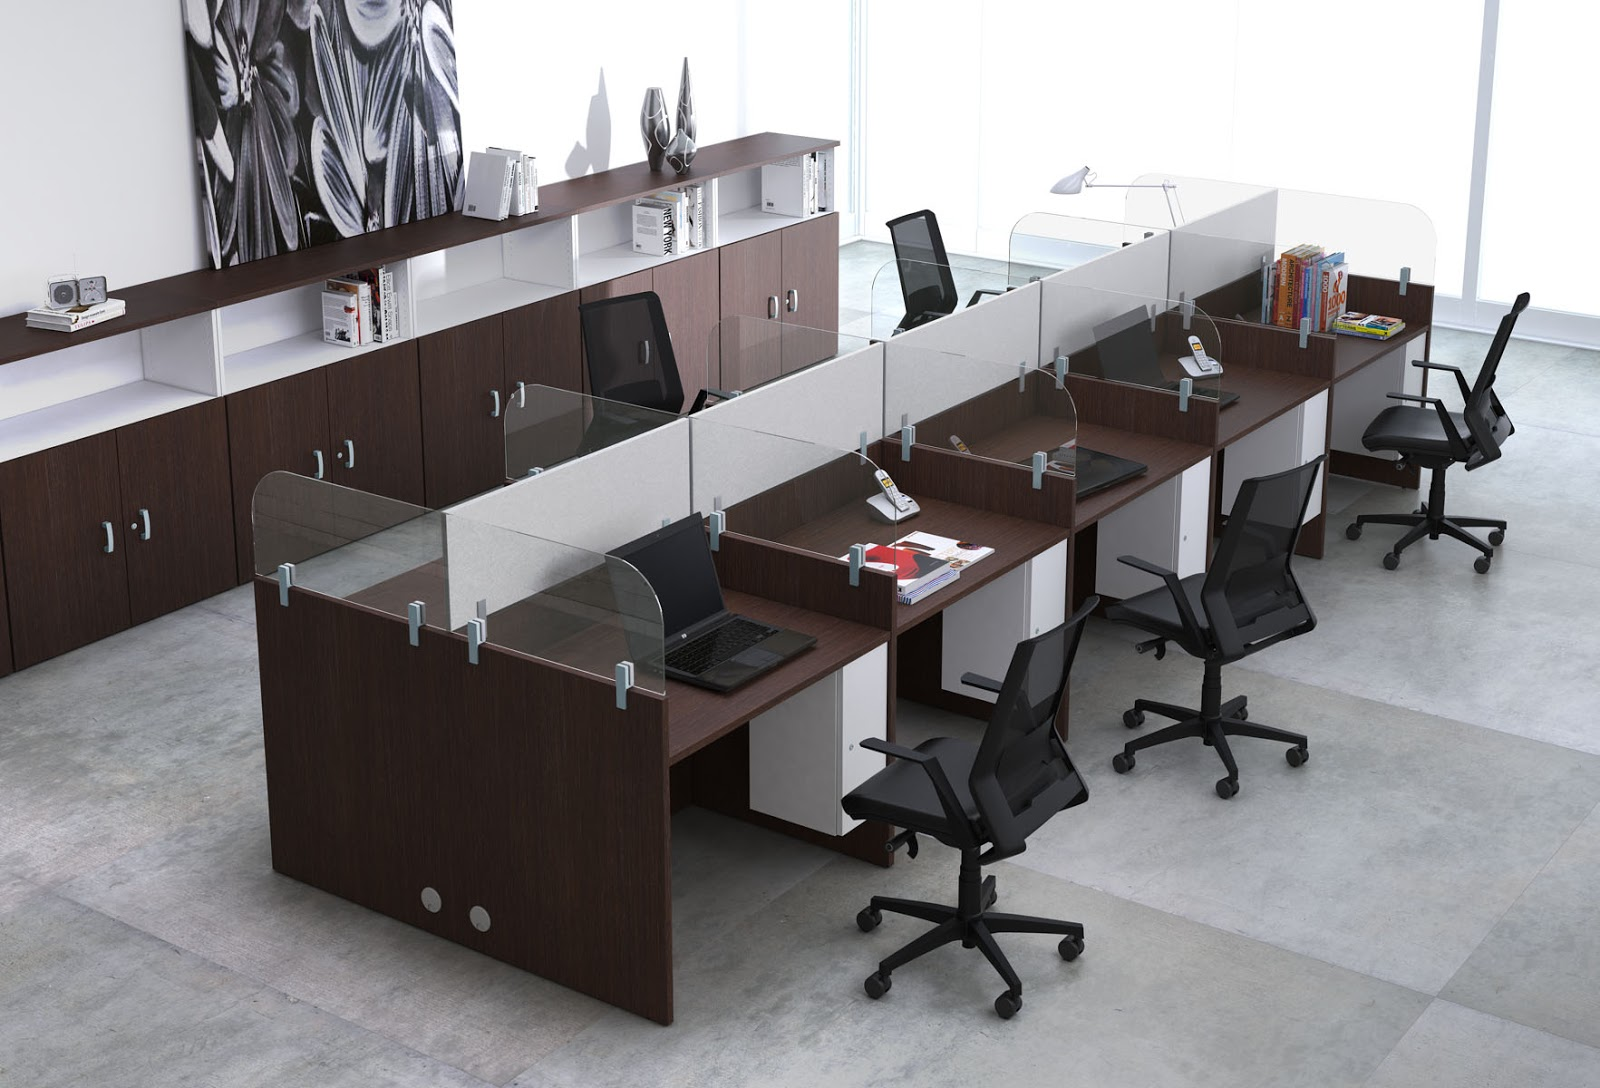 Oficina total call center for Muebles oficina mallorca